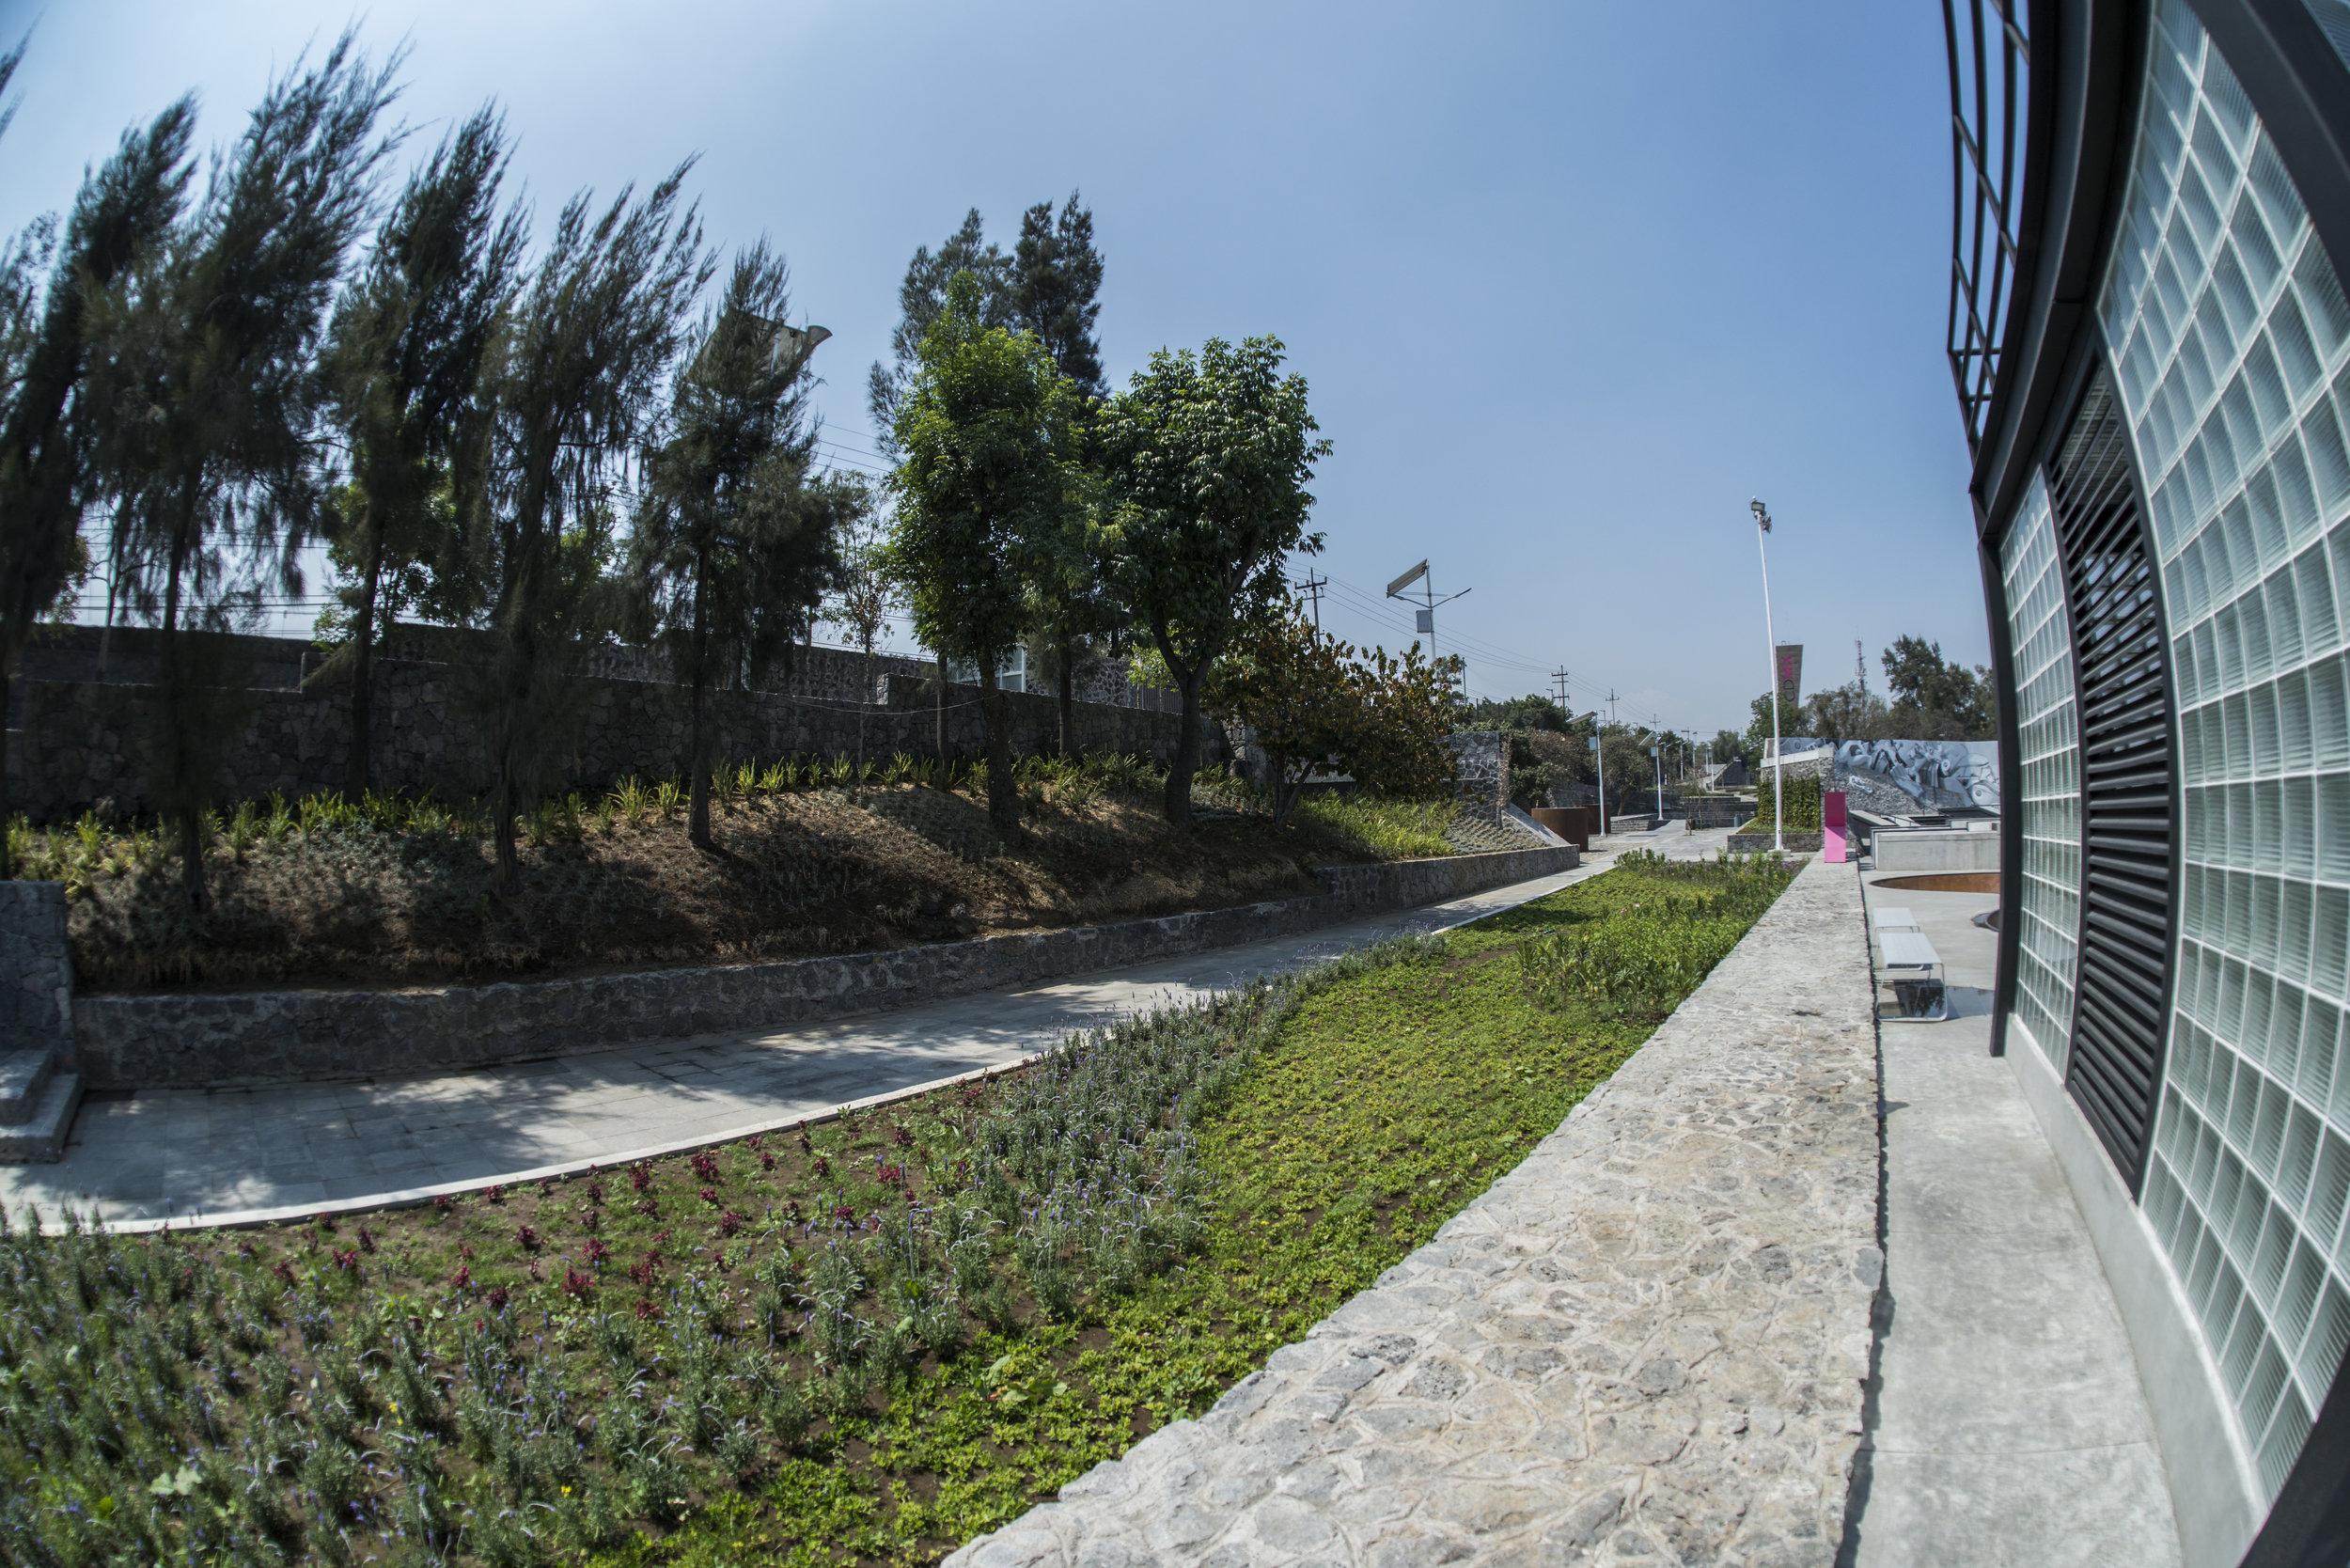 parque0331.jpg